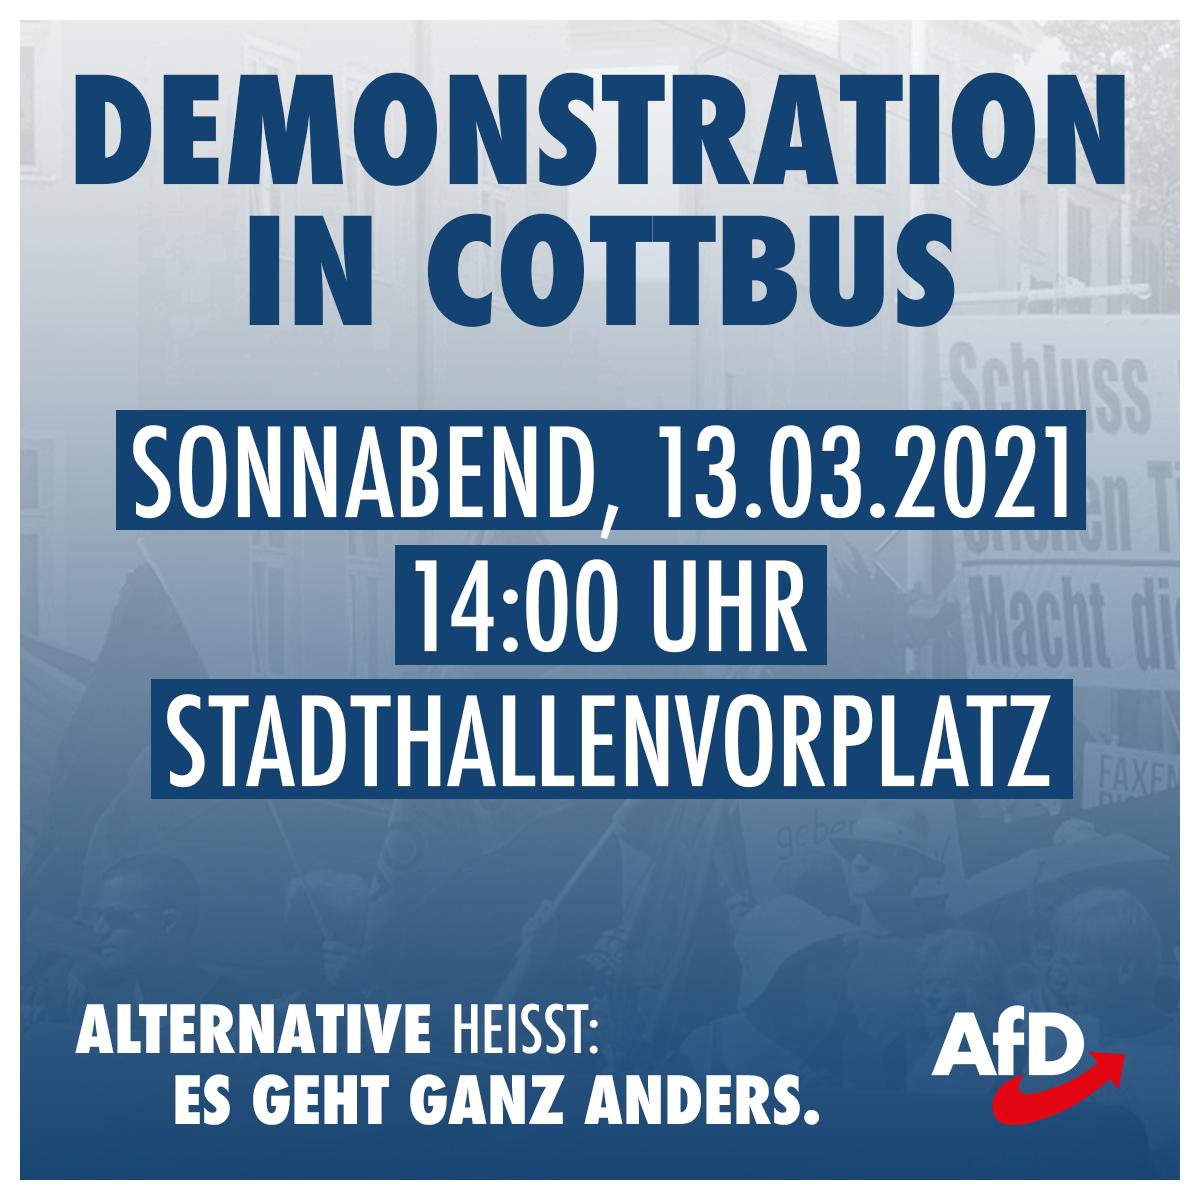 Aufruf zur Demonstration in Cottbus